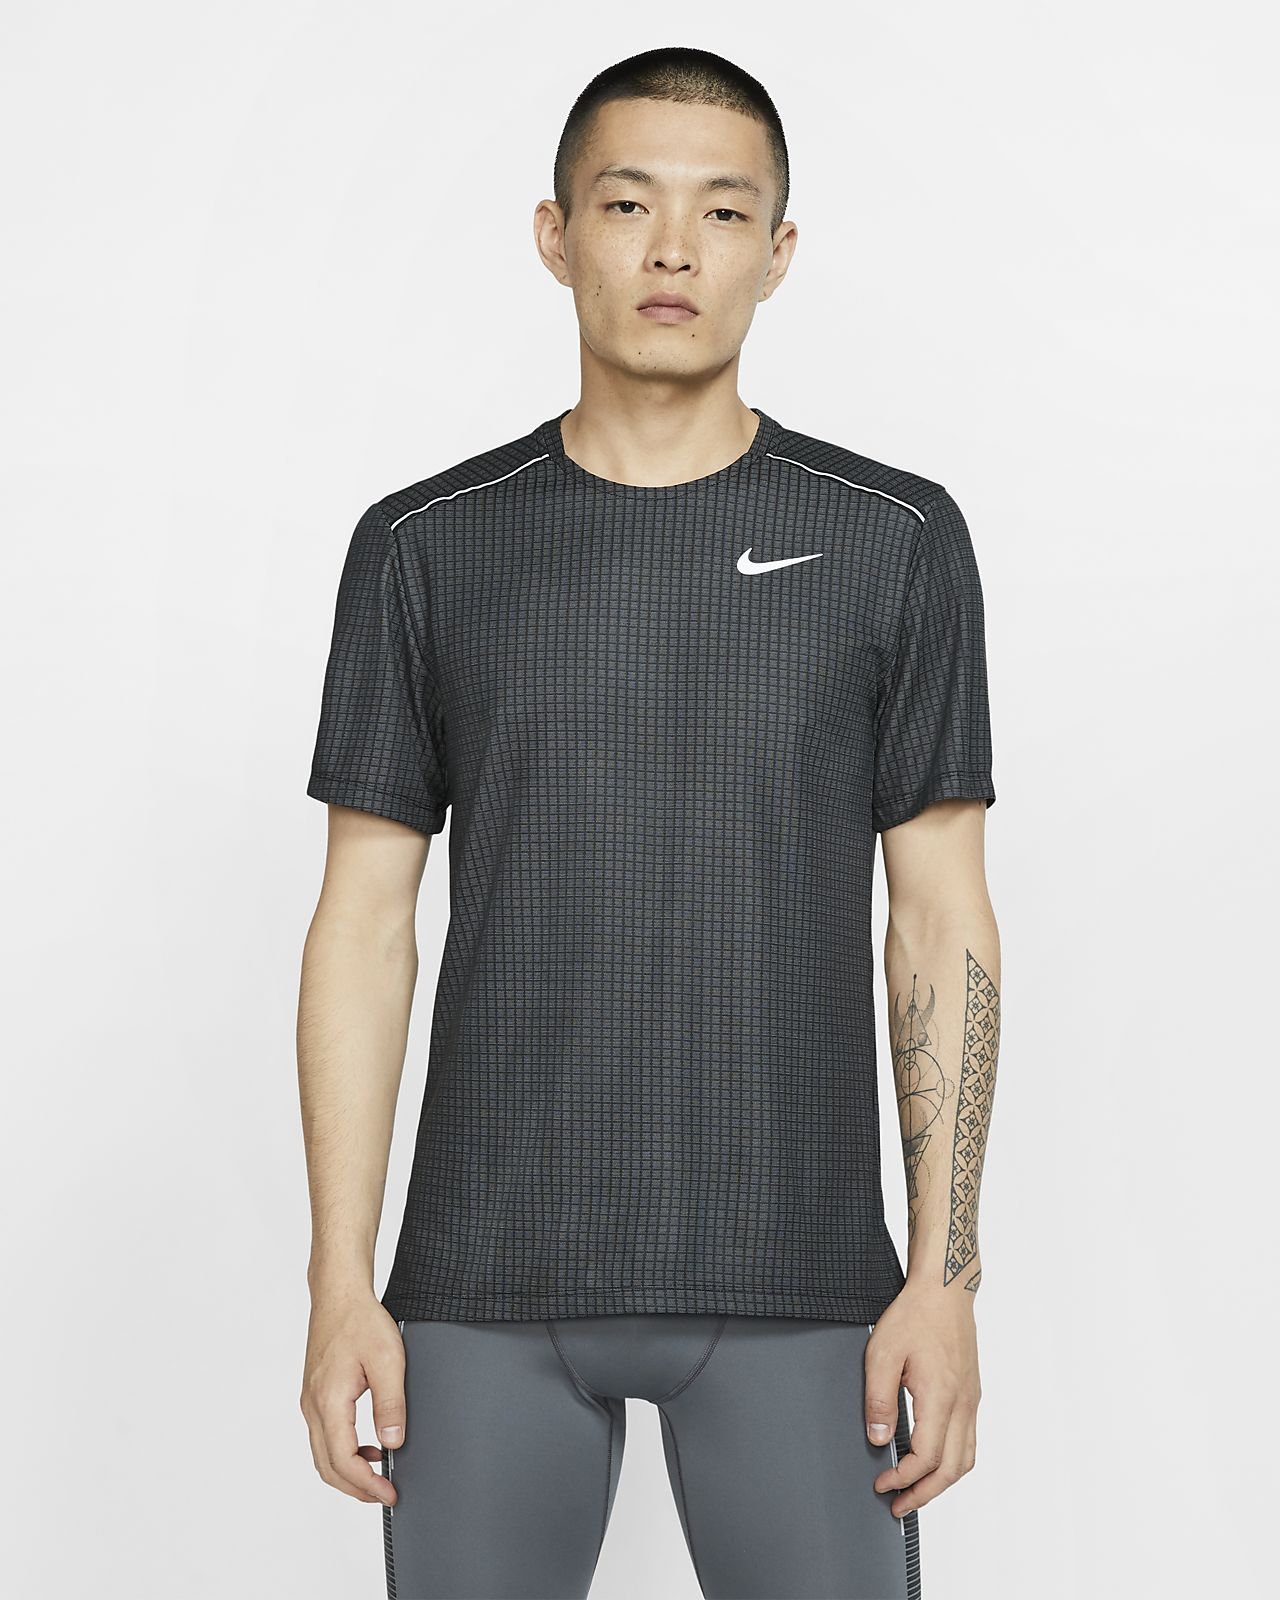 Ανδρική κοντομάνικη μπλούζα για τρέξιμο Nike Miler